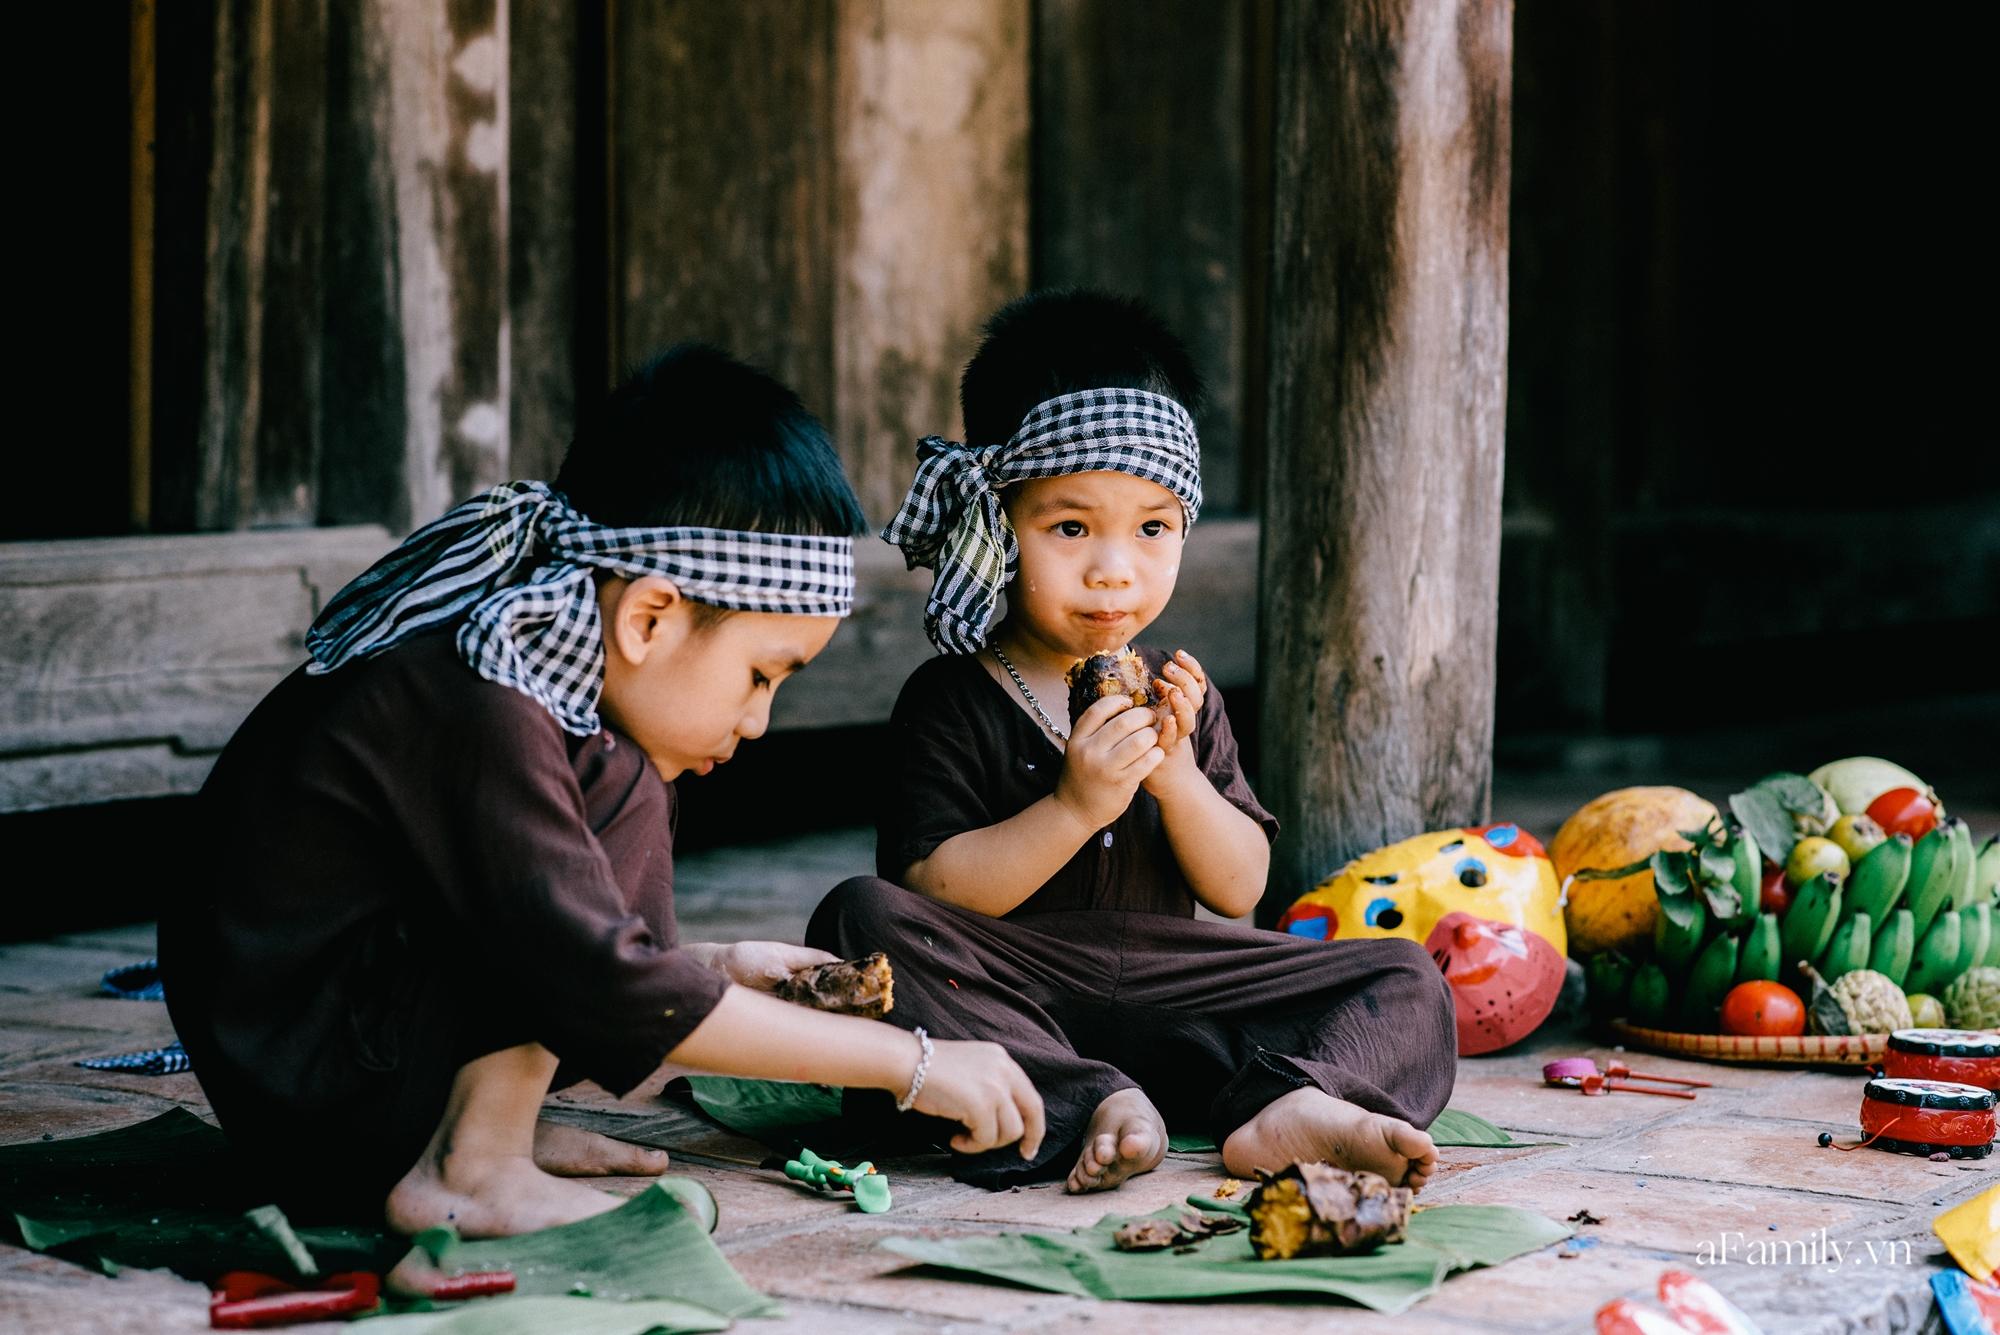 Trung thu cũ xưa ngay giữa lòng Hà Nội, nơi các em nhỏ được tận hưởng niềm vui còn bố mẹ thì được trở lại tuổi thơ chỉ với 40.000 đồng - Ảnh 8.